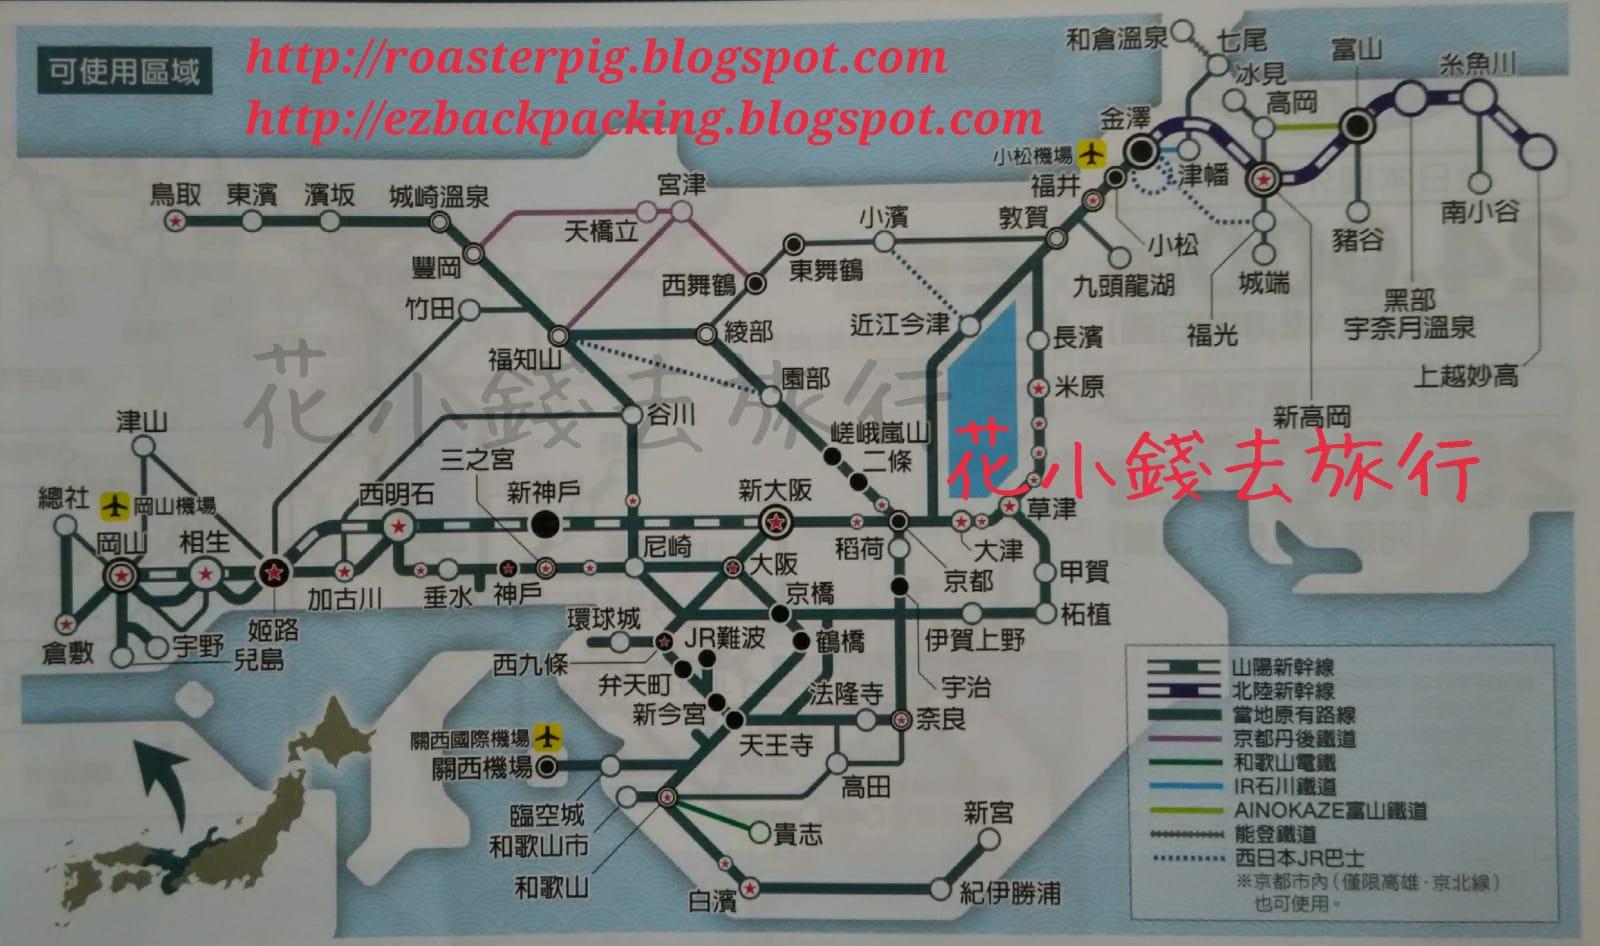 JR關西北陸周遊券路線圖